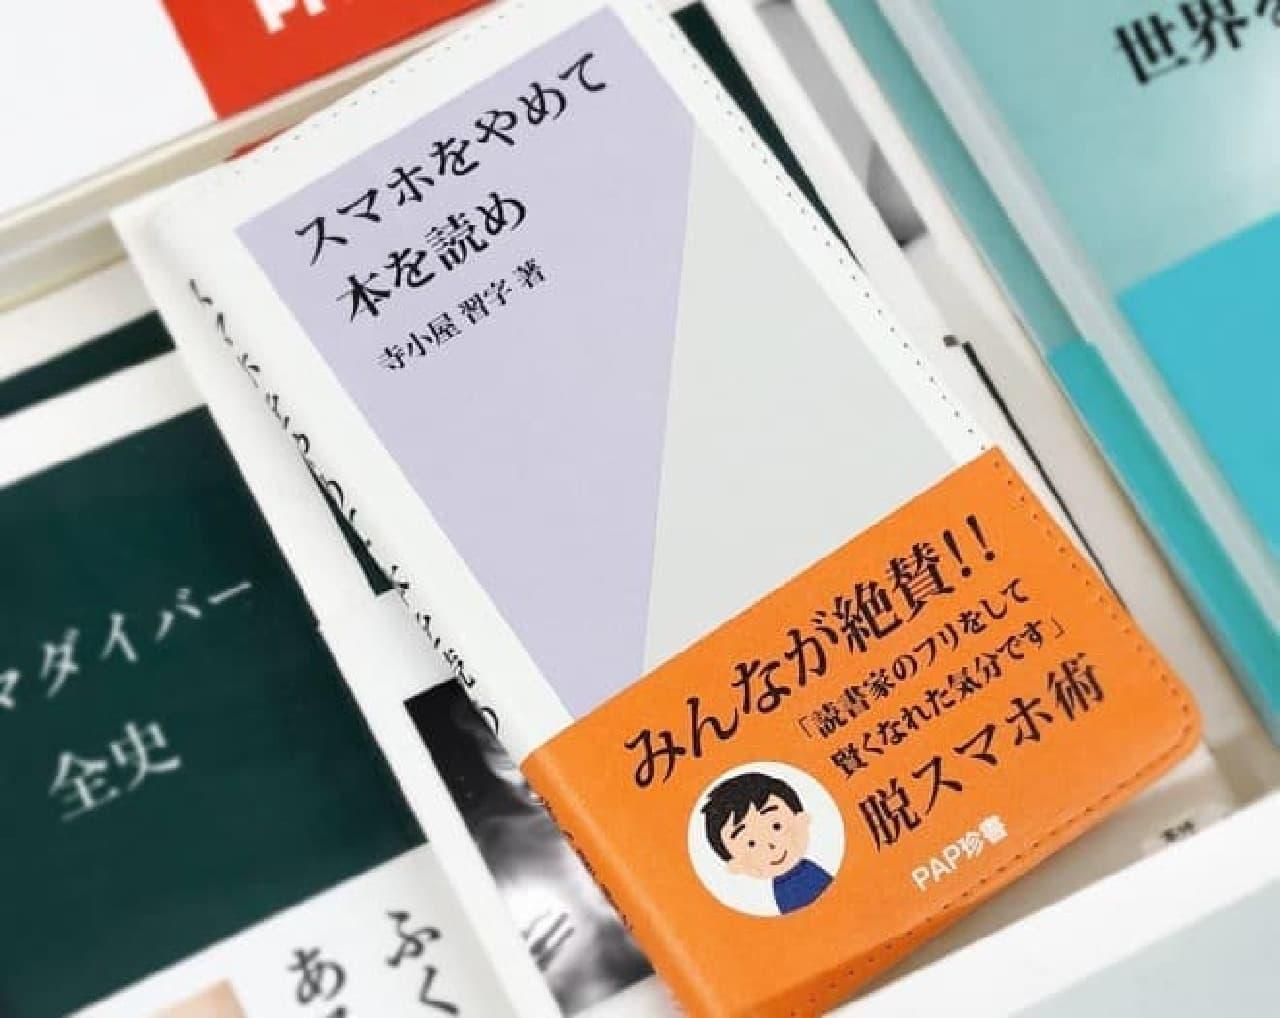 スマートフォンケース「スマホをやめて本を読め」